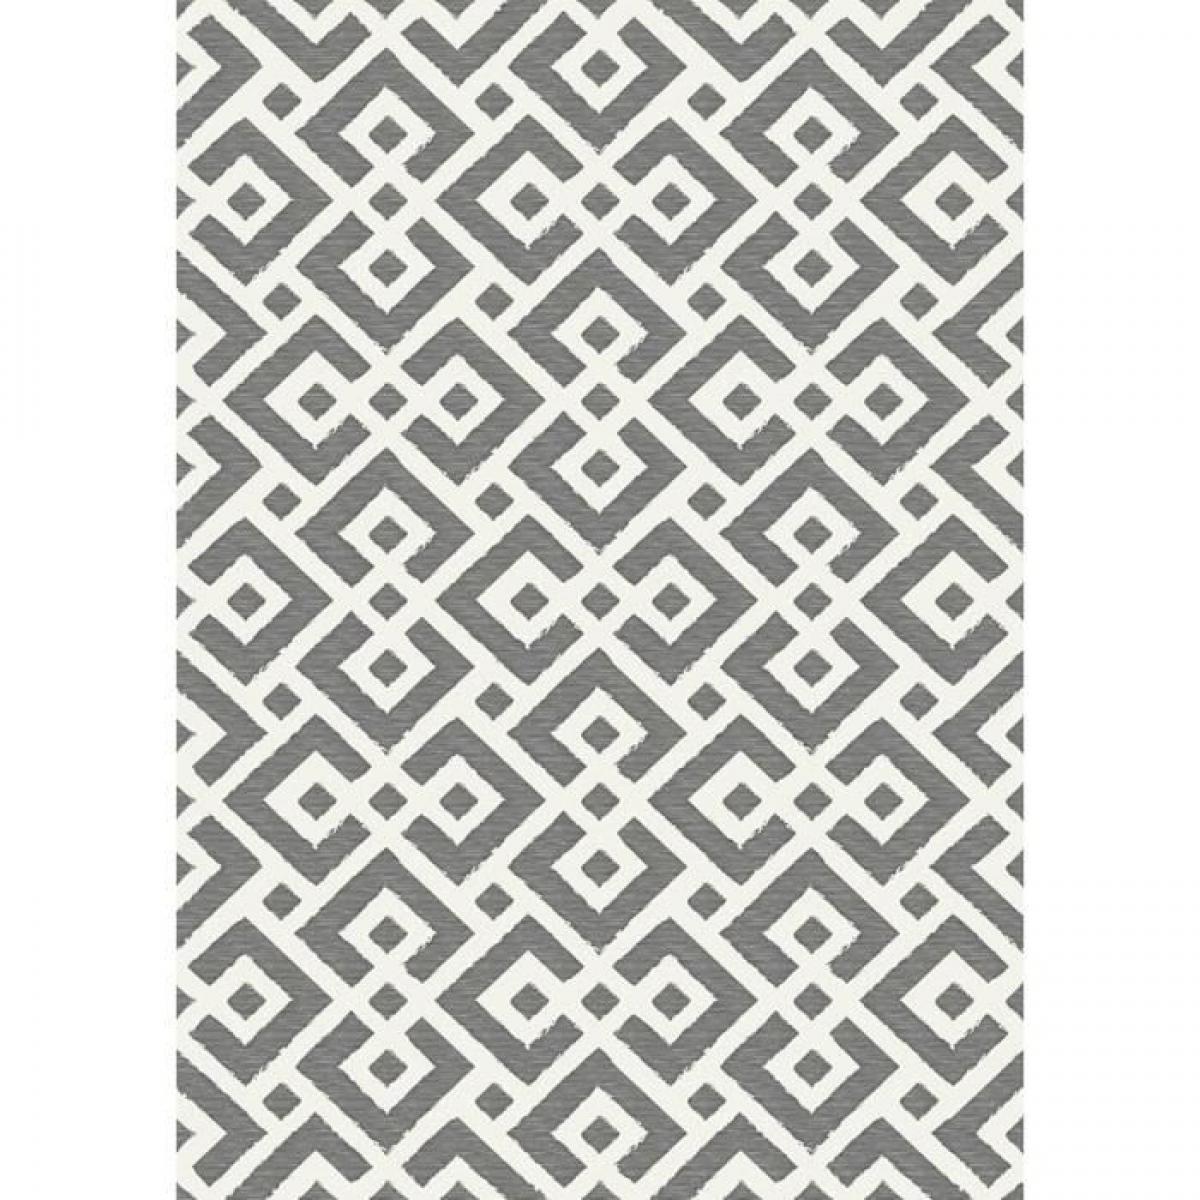 Cstore Tapis intérieur / extérieur - 120 x 170 cm - Gris et blanc